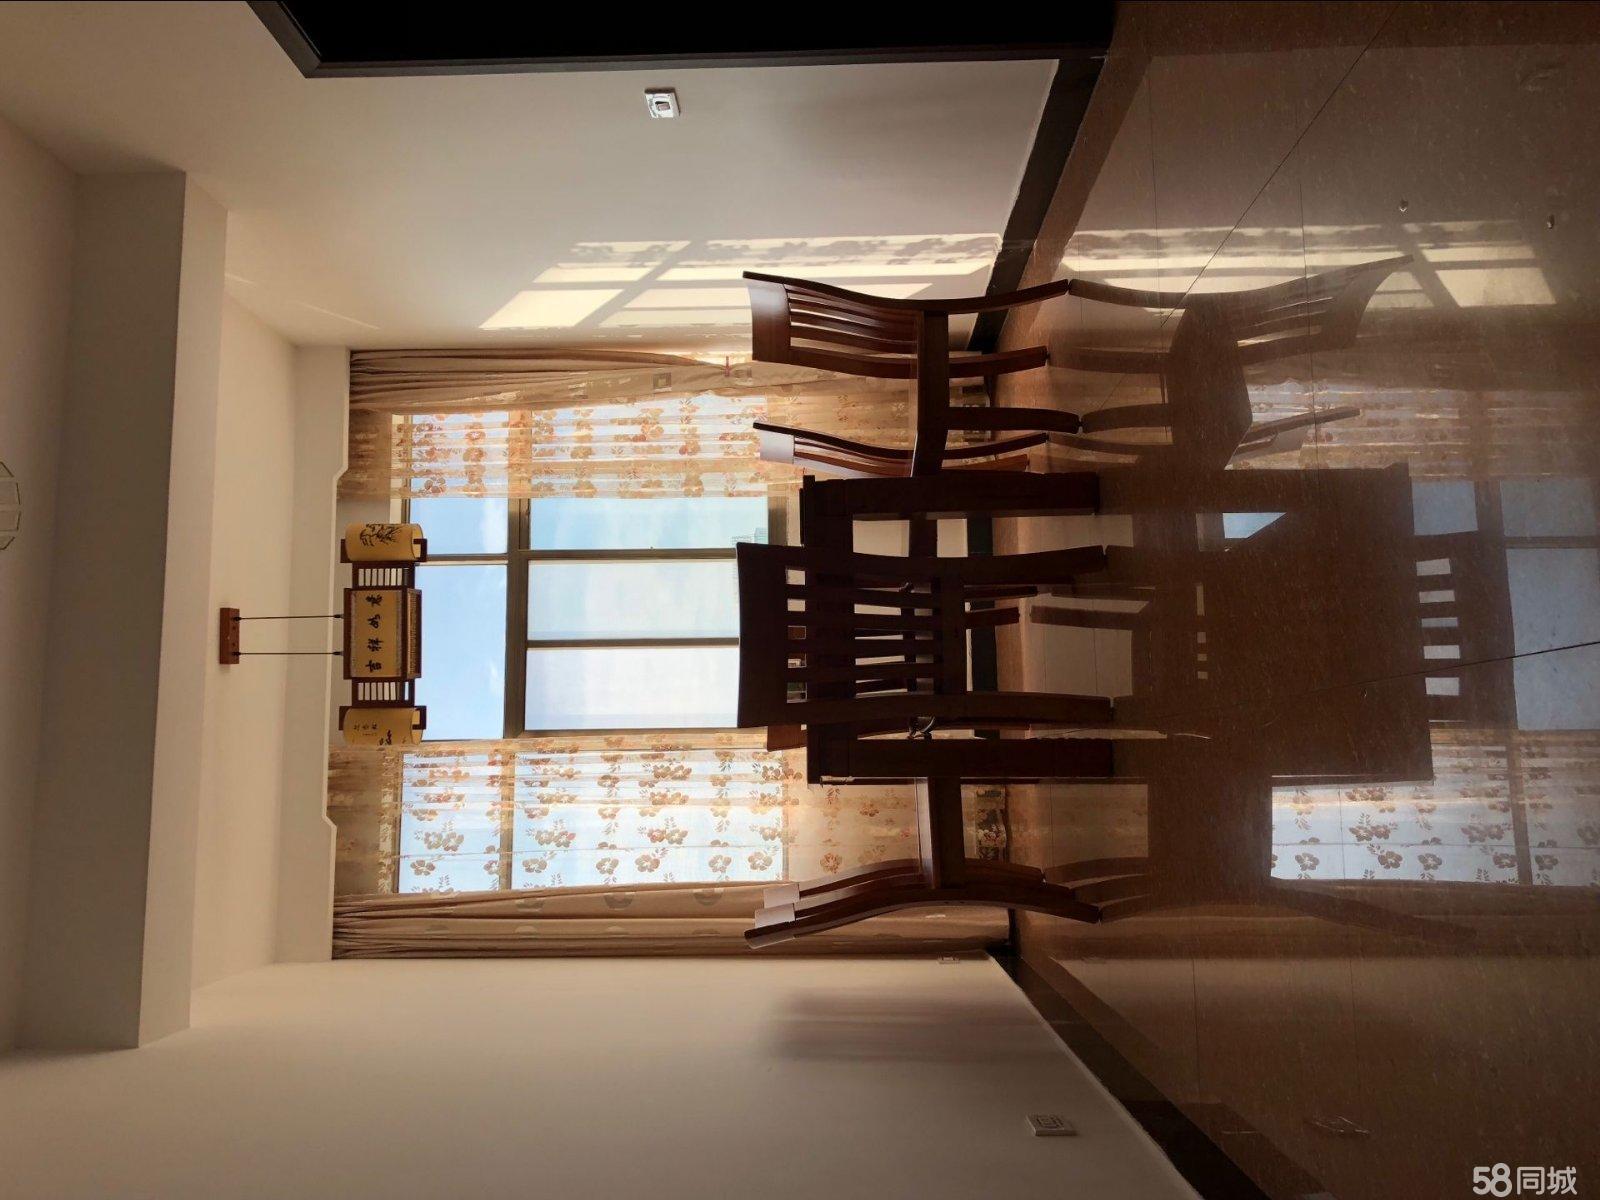 澳门网络下注官网云龙花园农行生活区3室1厅1卫126.48平米,双证齐全